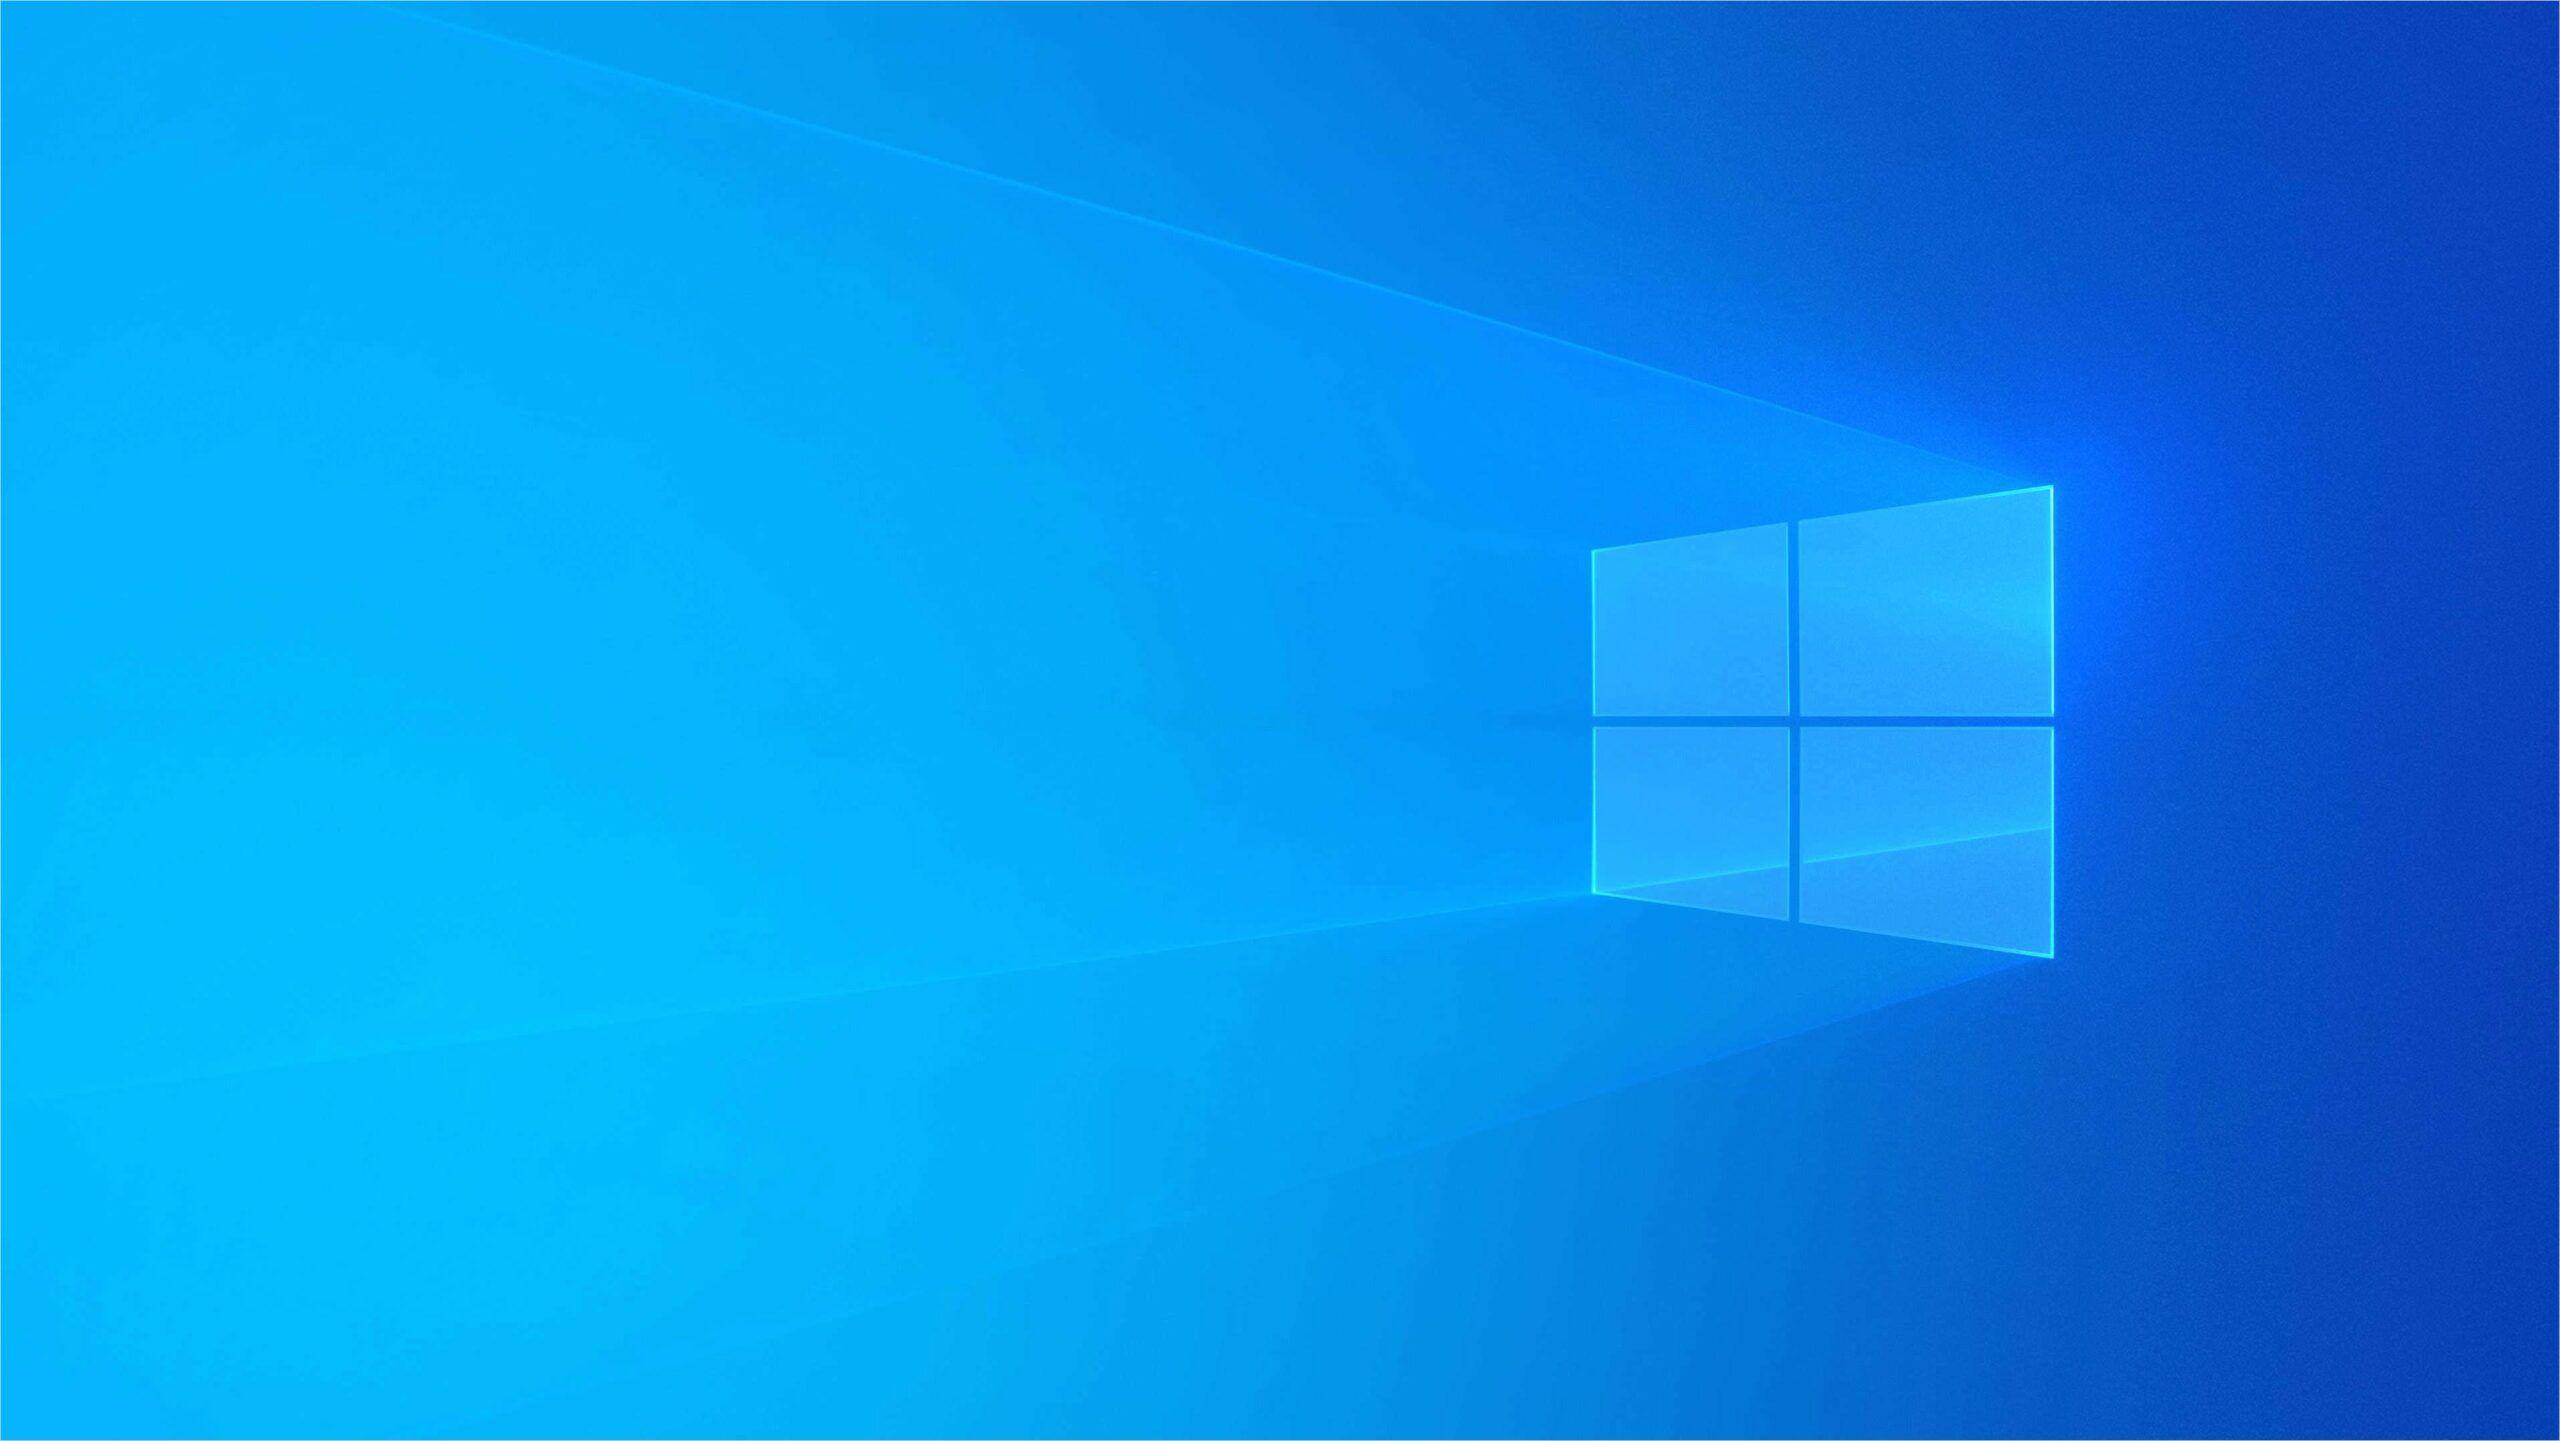 2160p Window 10 Wallpaper 4k In 2020 Windows 10 Wallpaper Windows 10 Microsoft Windows